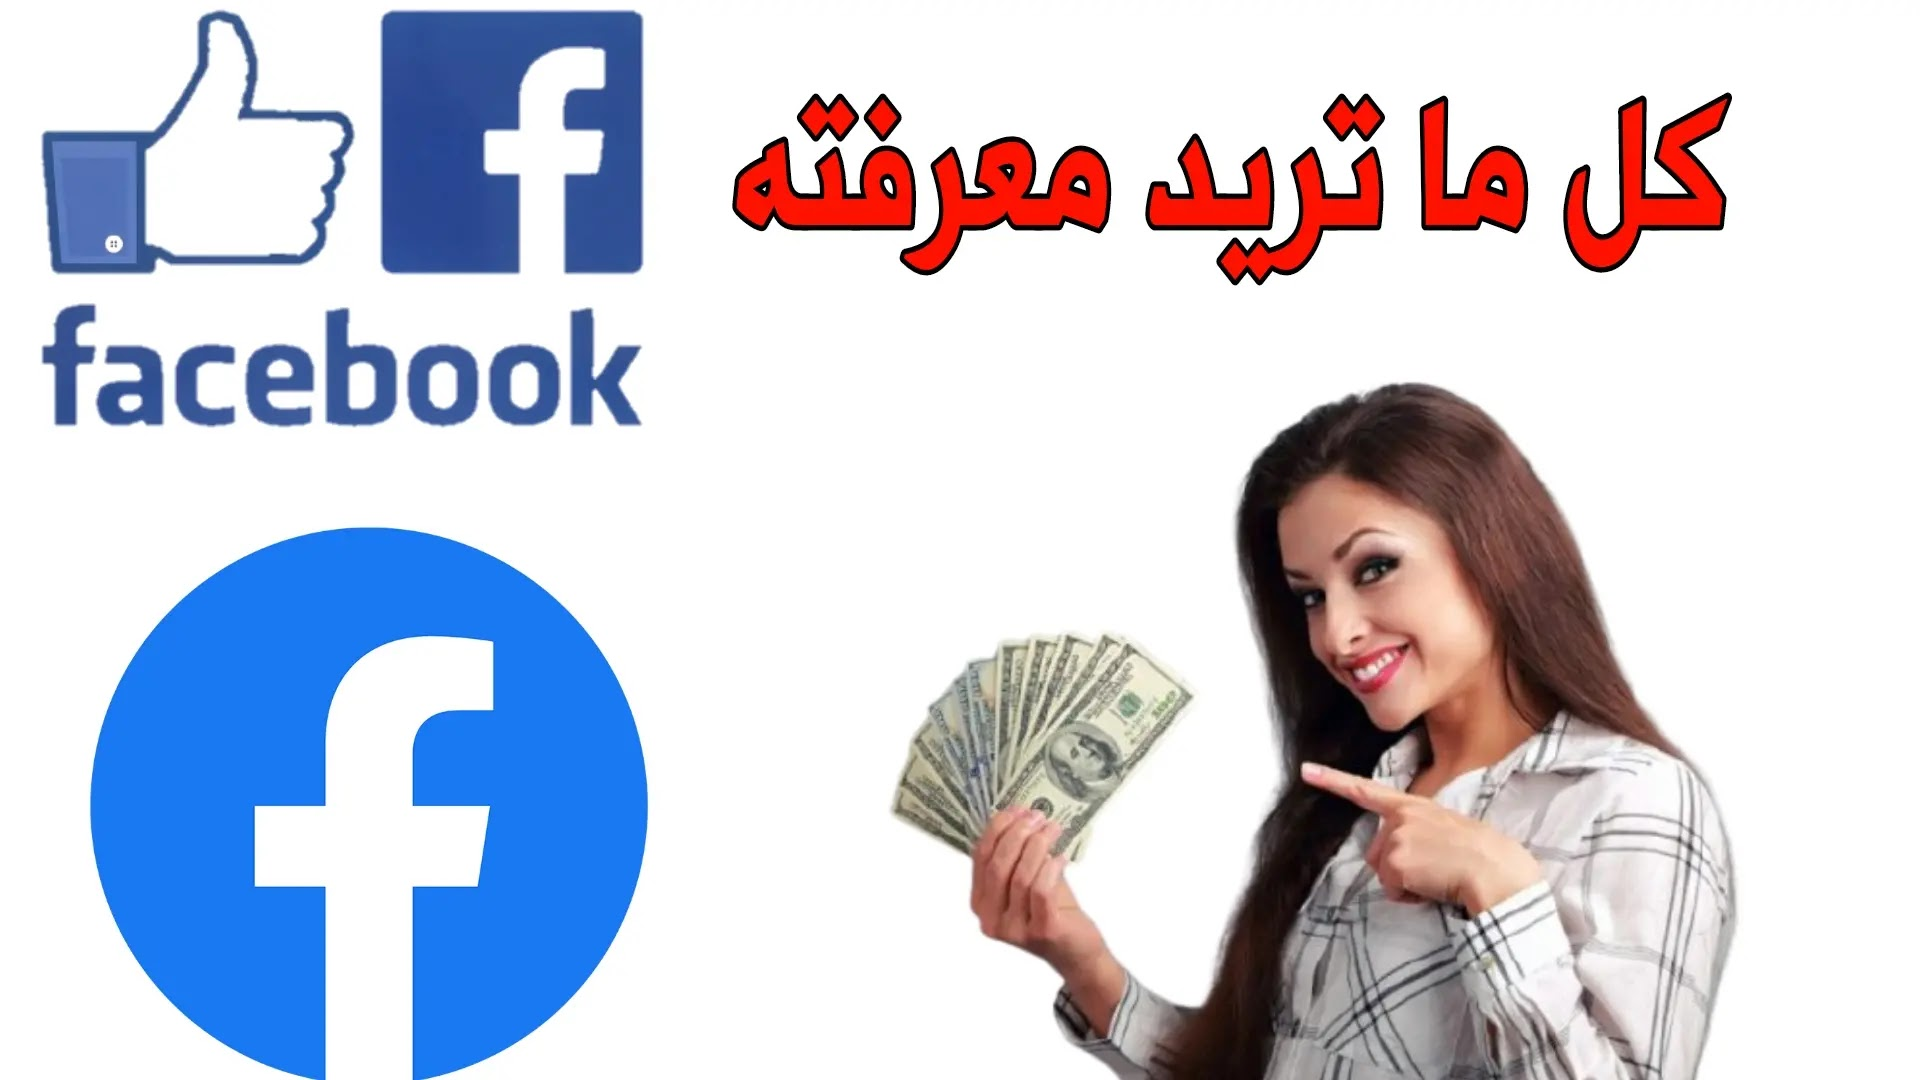 أفضل الطرق للربح من الفيسبوك مجانا [ كل ما تريد معرفته]